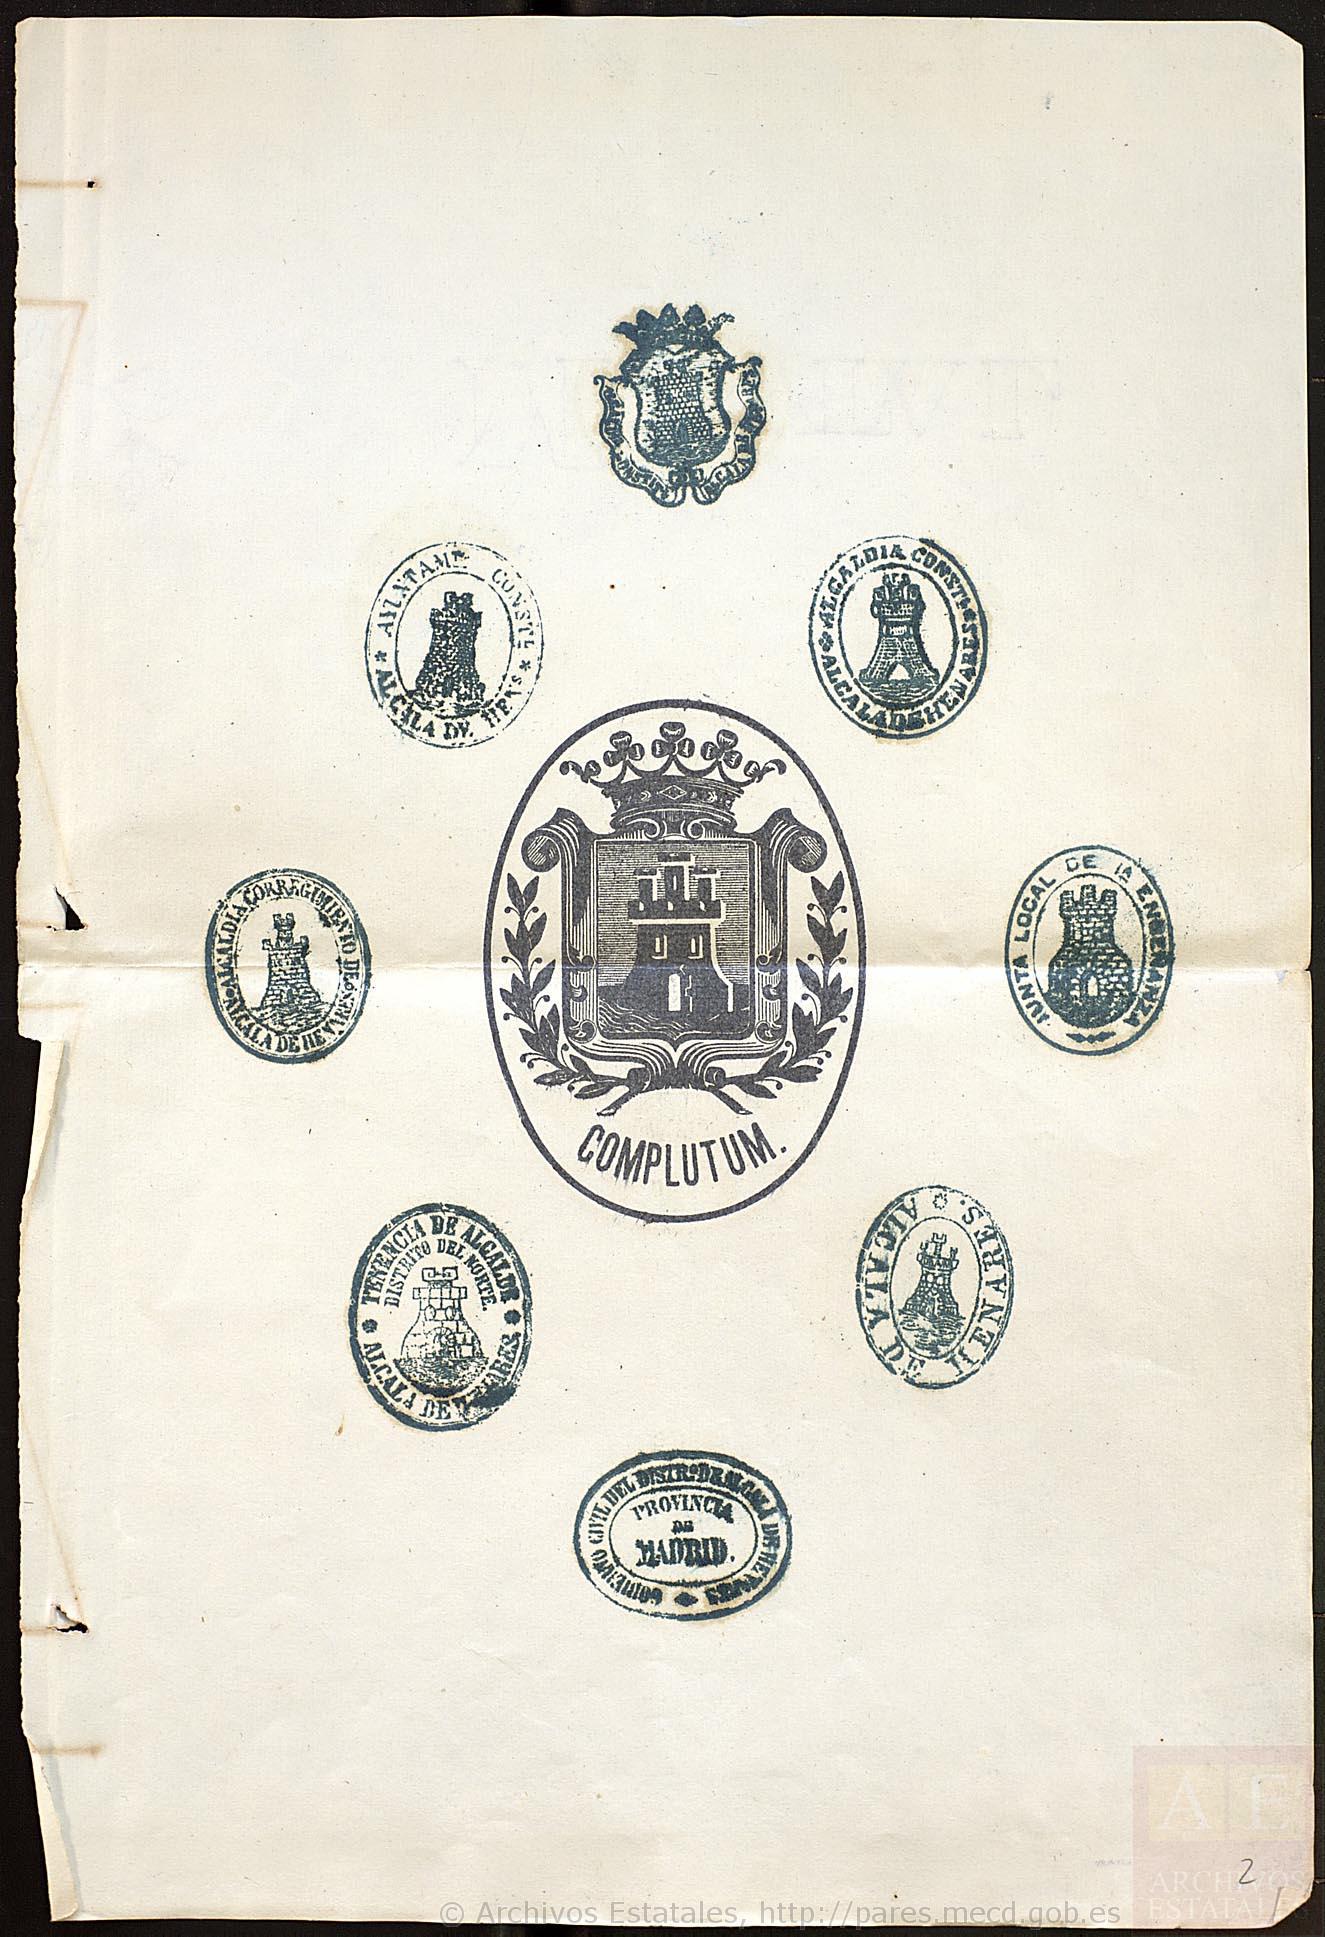 Sellos del municipio de Alcalá de Henares, 1876